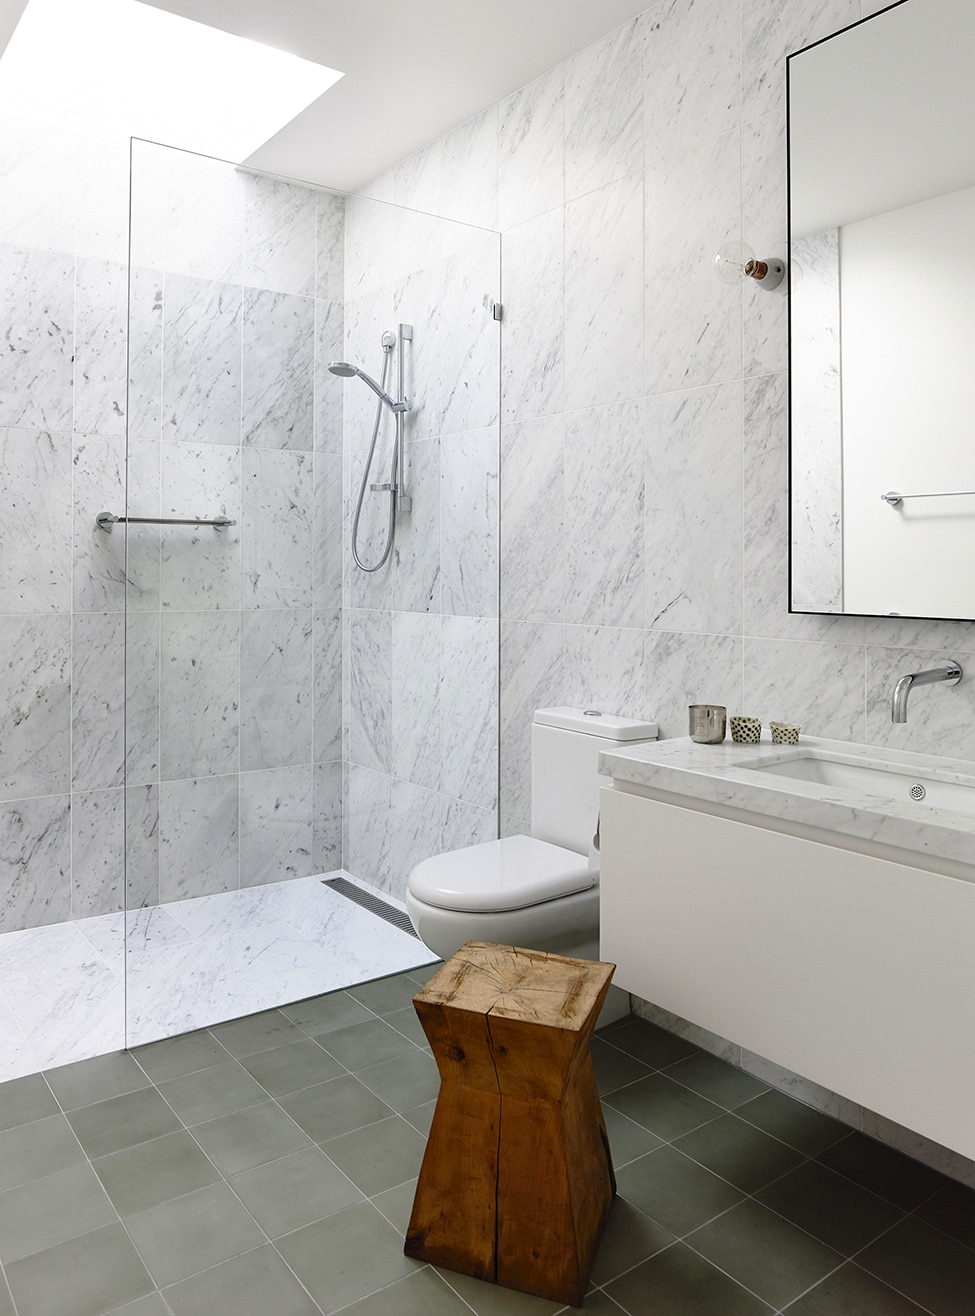 Baños Gris Con Blanco:Diseño de cuarto de baño de blanco y gris